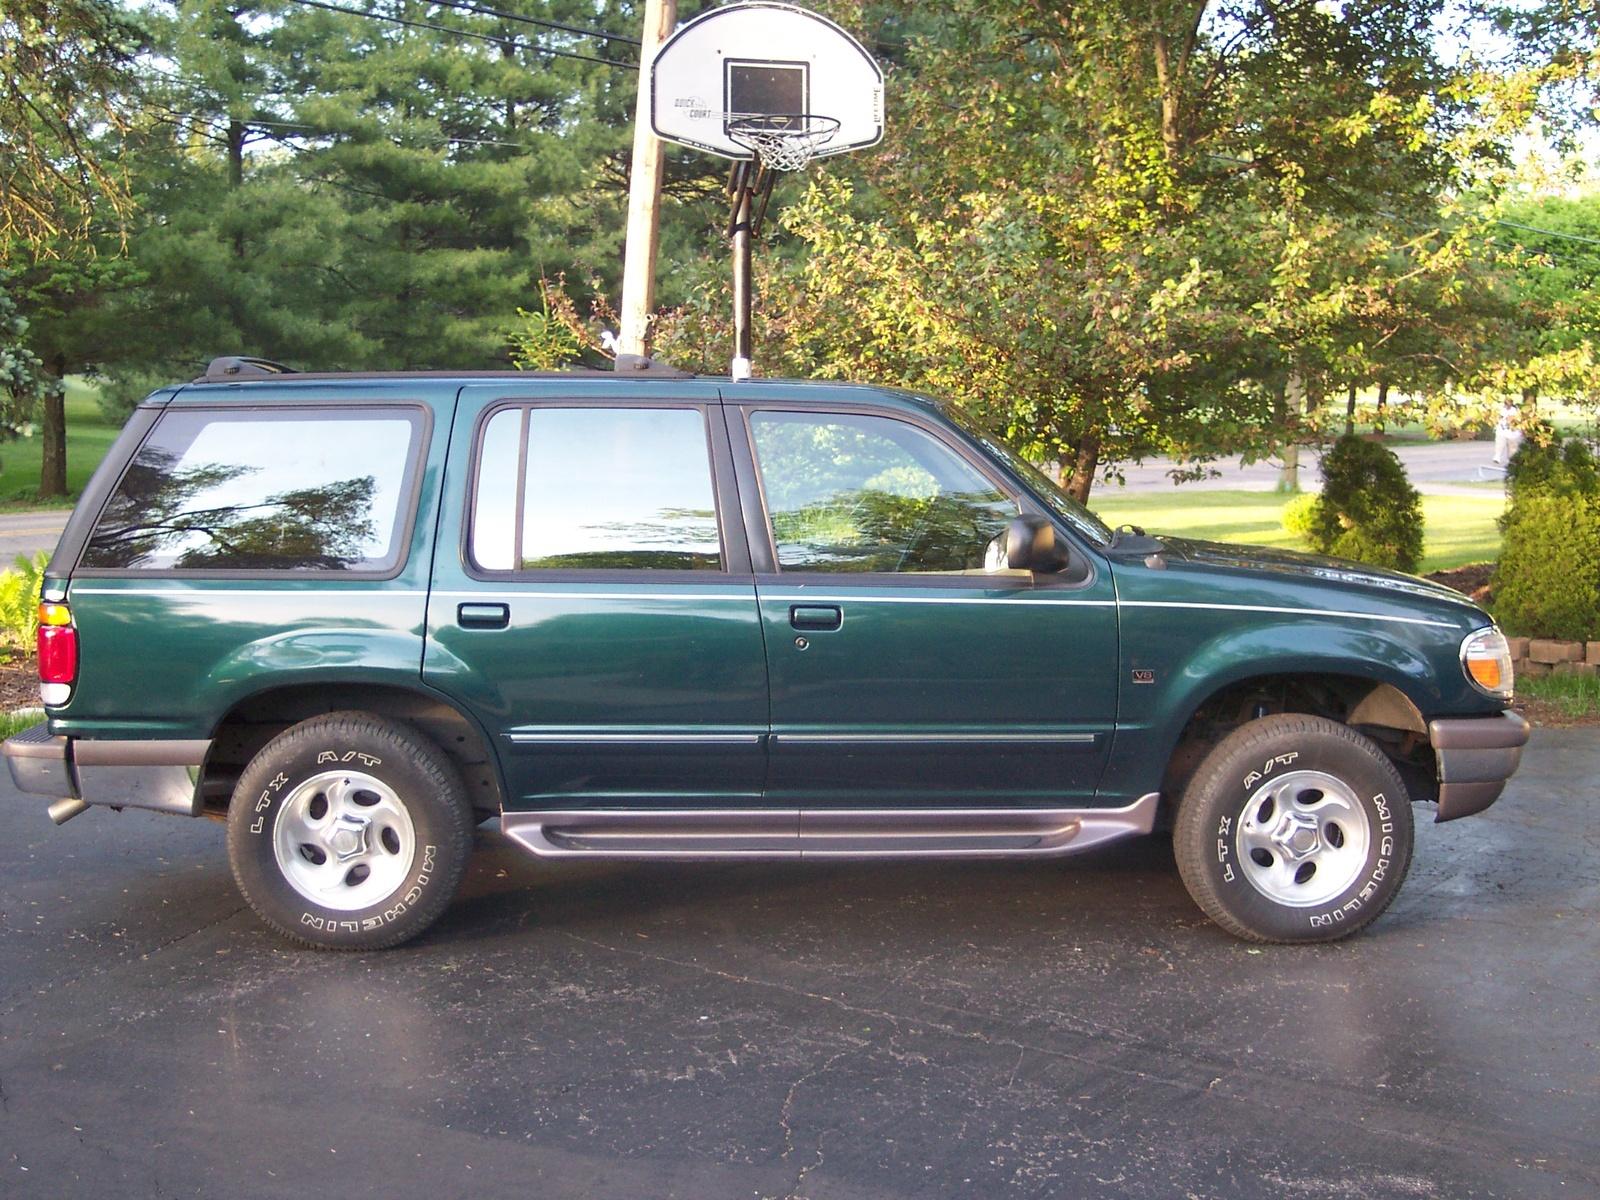 1997 Ford Explorer #7 Ford Explorer #7